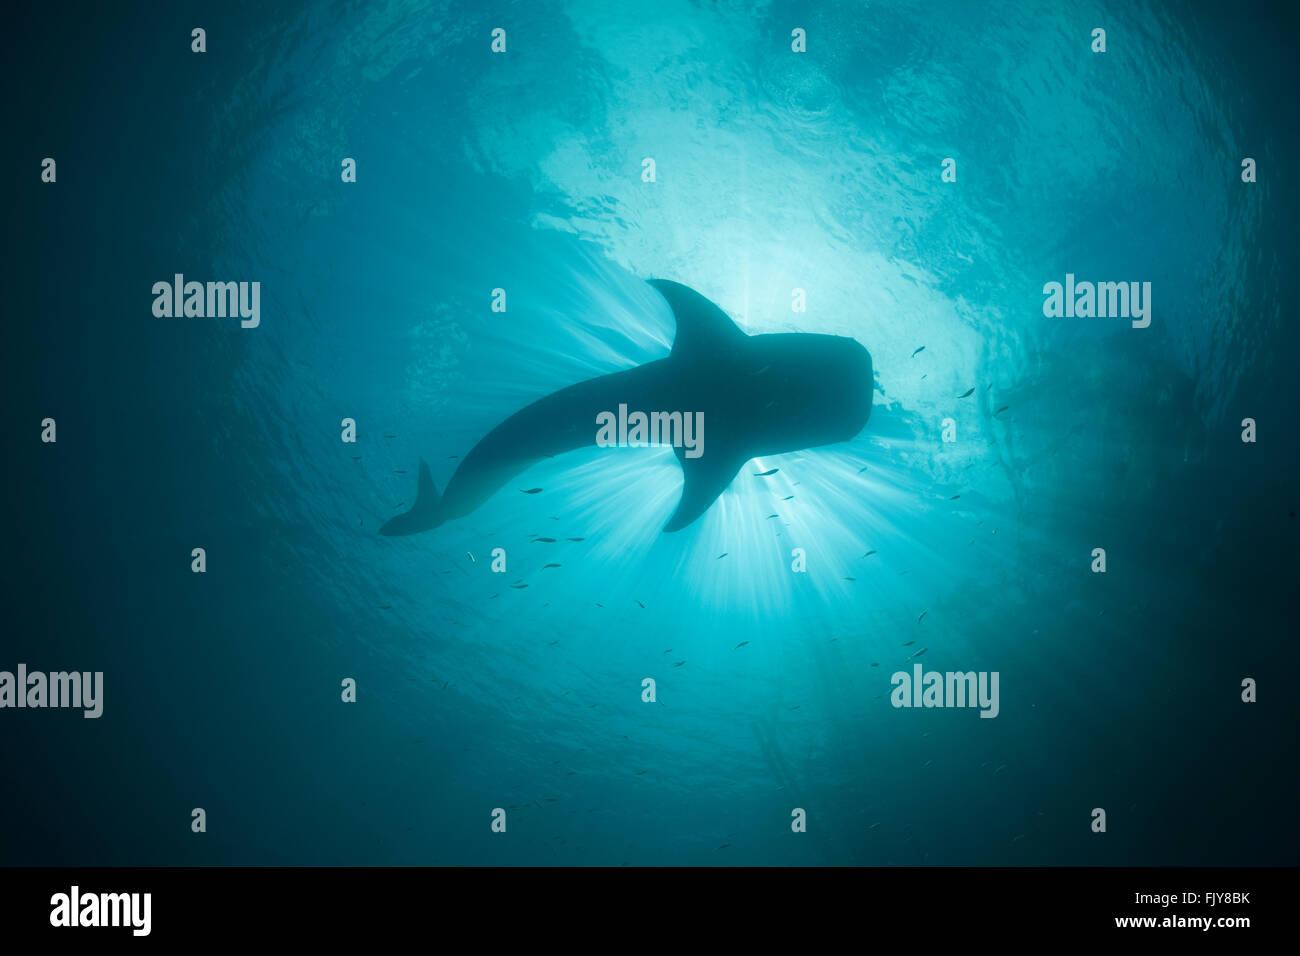 """La pêche du requin-baleine, près d'un dispositif appelé """"Bagan'. Bagans sont de grands bateaux ancrés fixes qui ont un ourigger spanning net f Banque D'Images"""